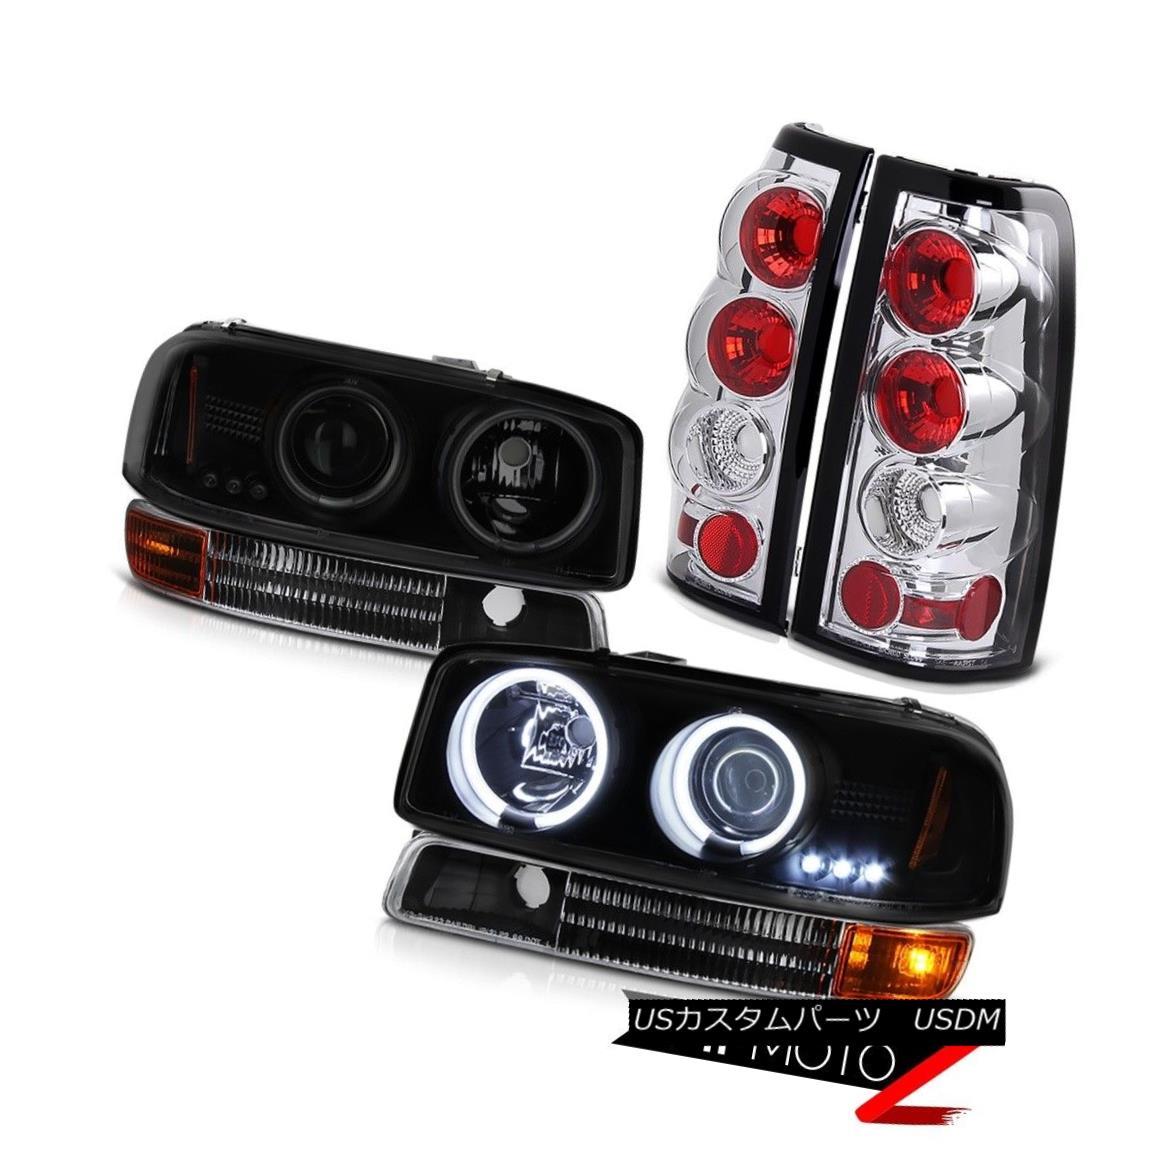 テールライト 99-03 Sierra 6.0L CCFL Ring Headlight Infinity Black Parking Euro Rear Taillamp 99-03 Sierra 6.0L CCFLリングヘッドライトインフィニティブラックパーキングユーロリアテアランプ